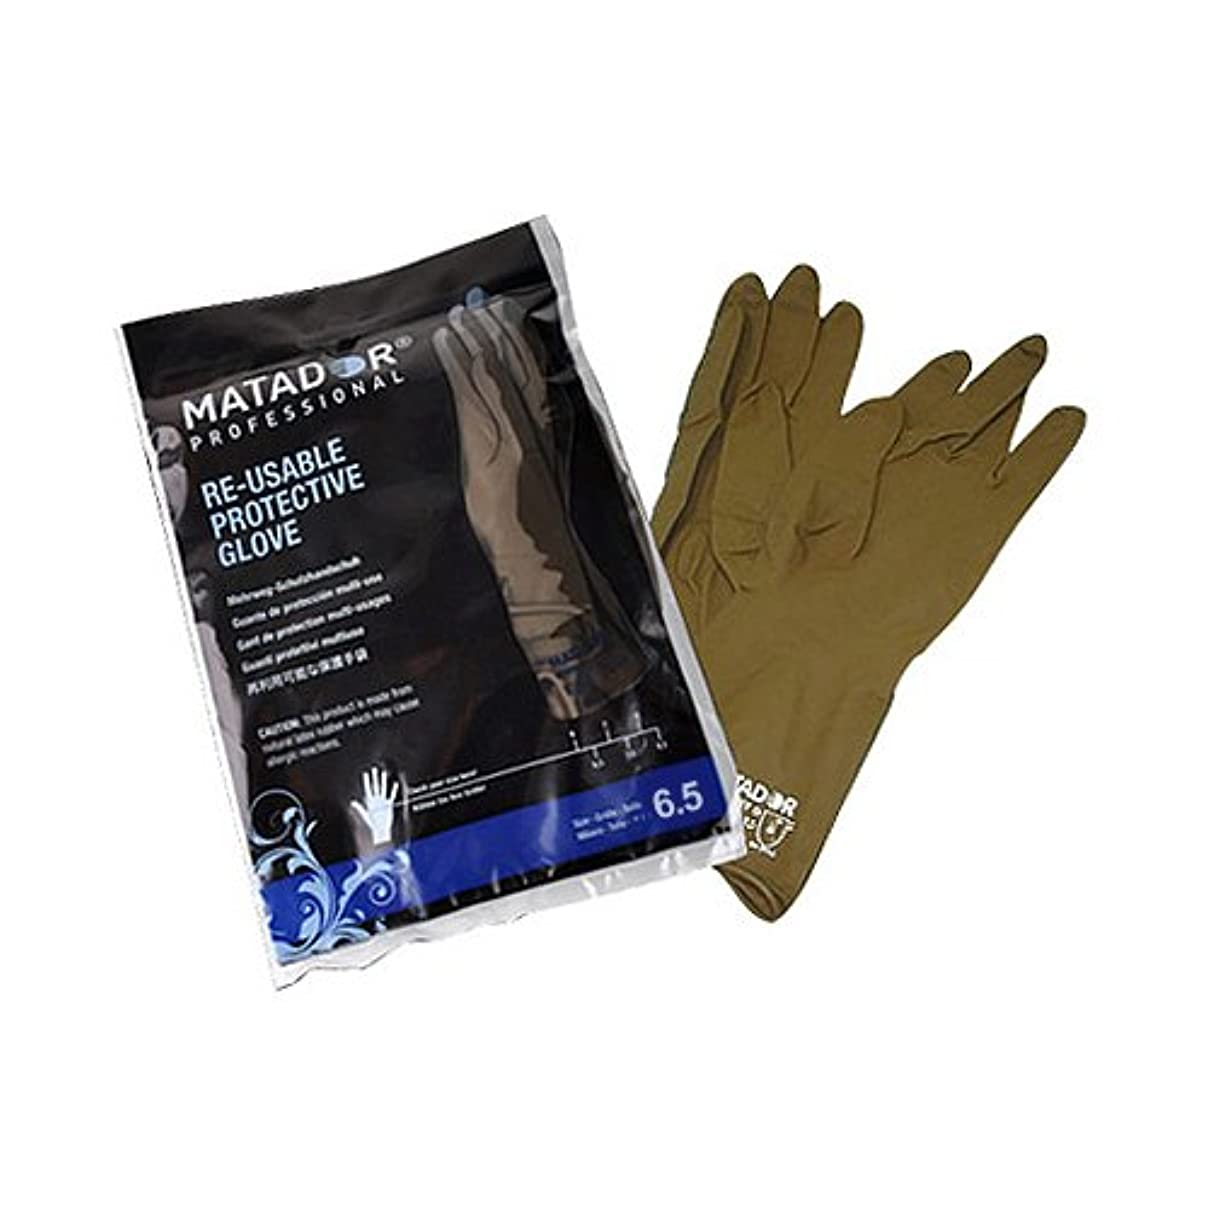 まつげダイバーほのめかすマタドールゴム手袋 6.5吋 【10個セット】